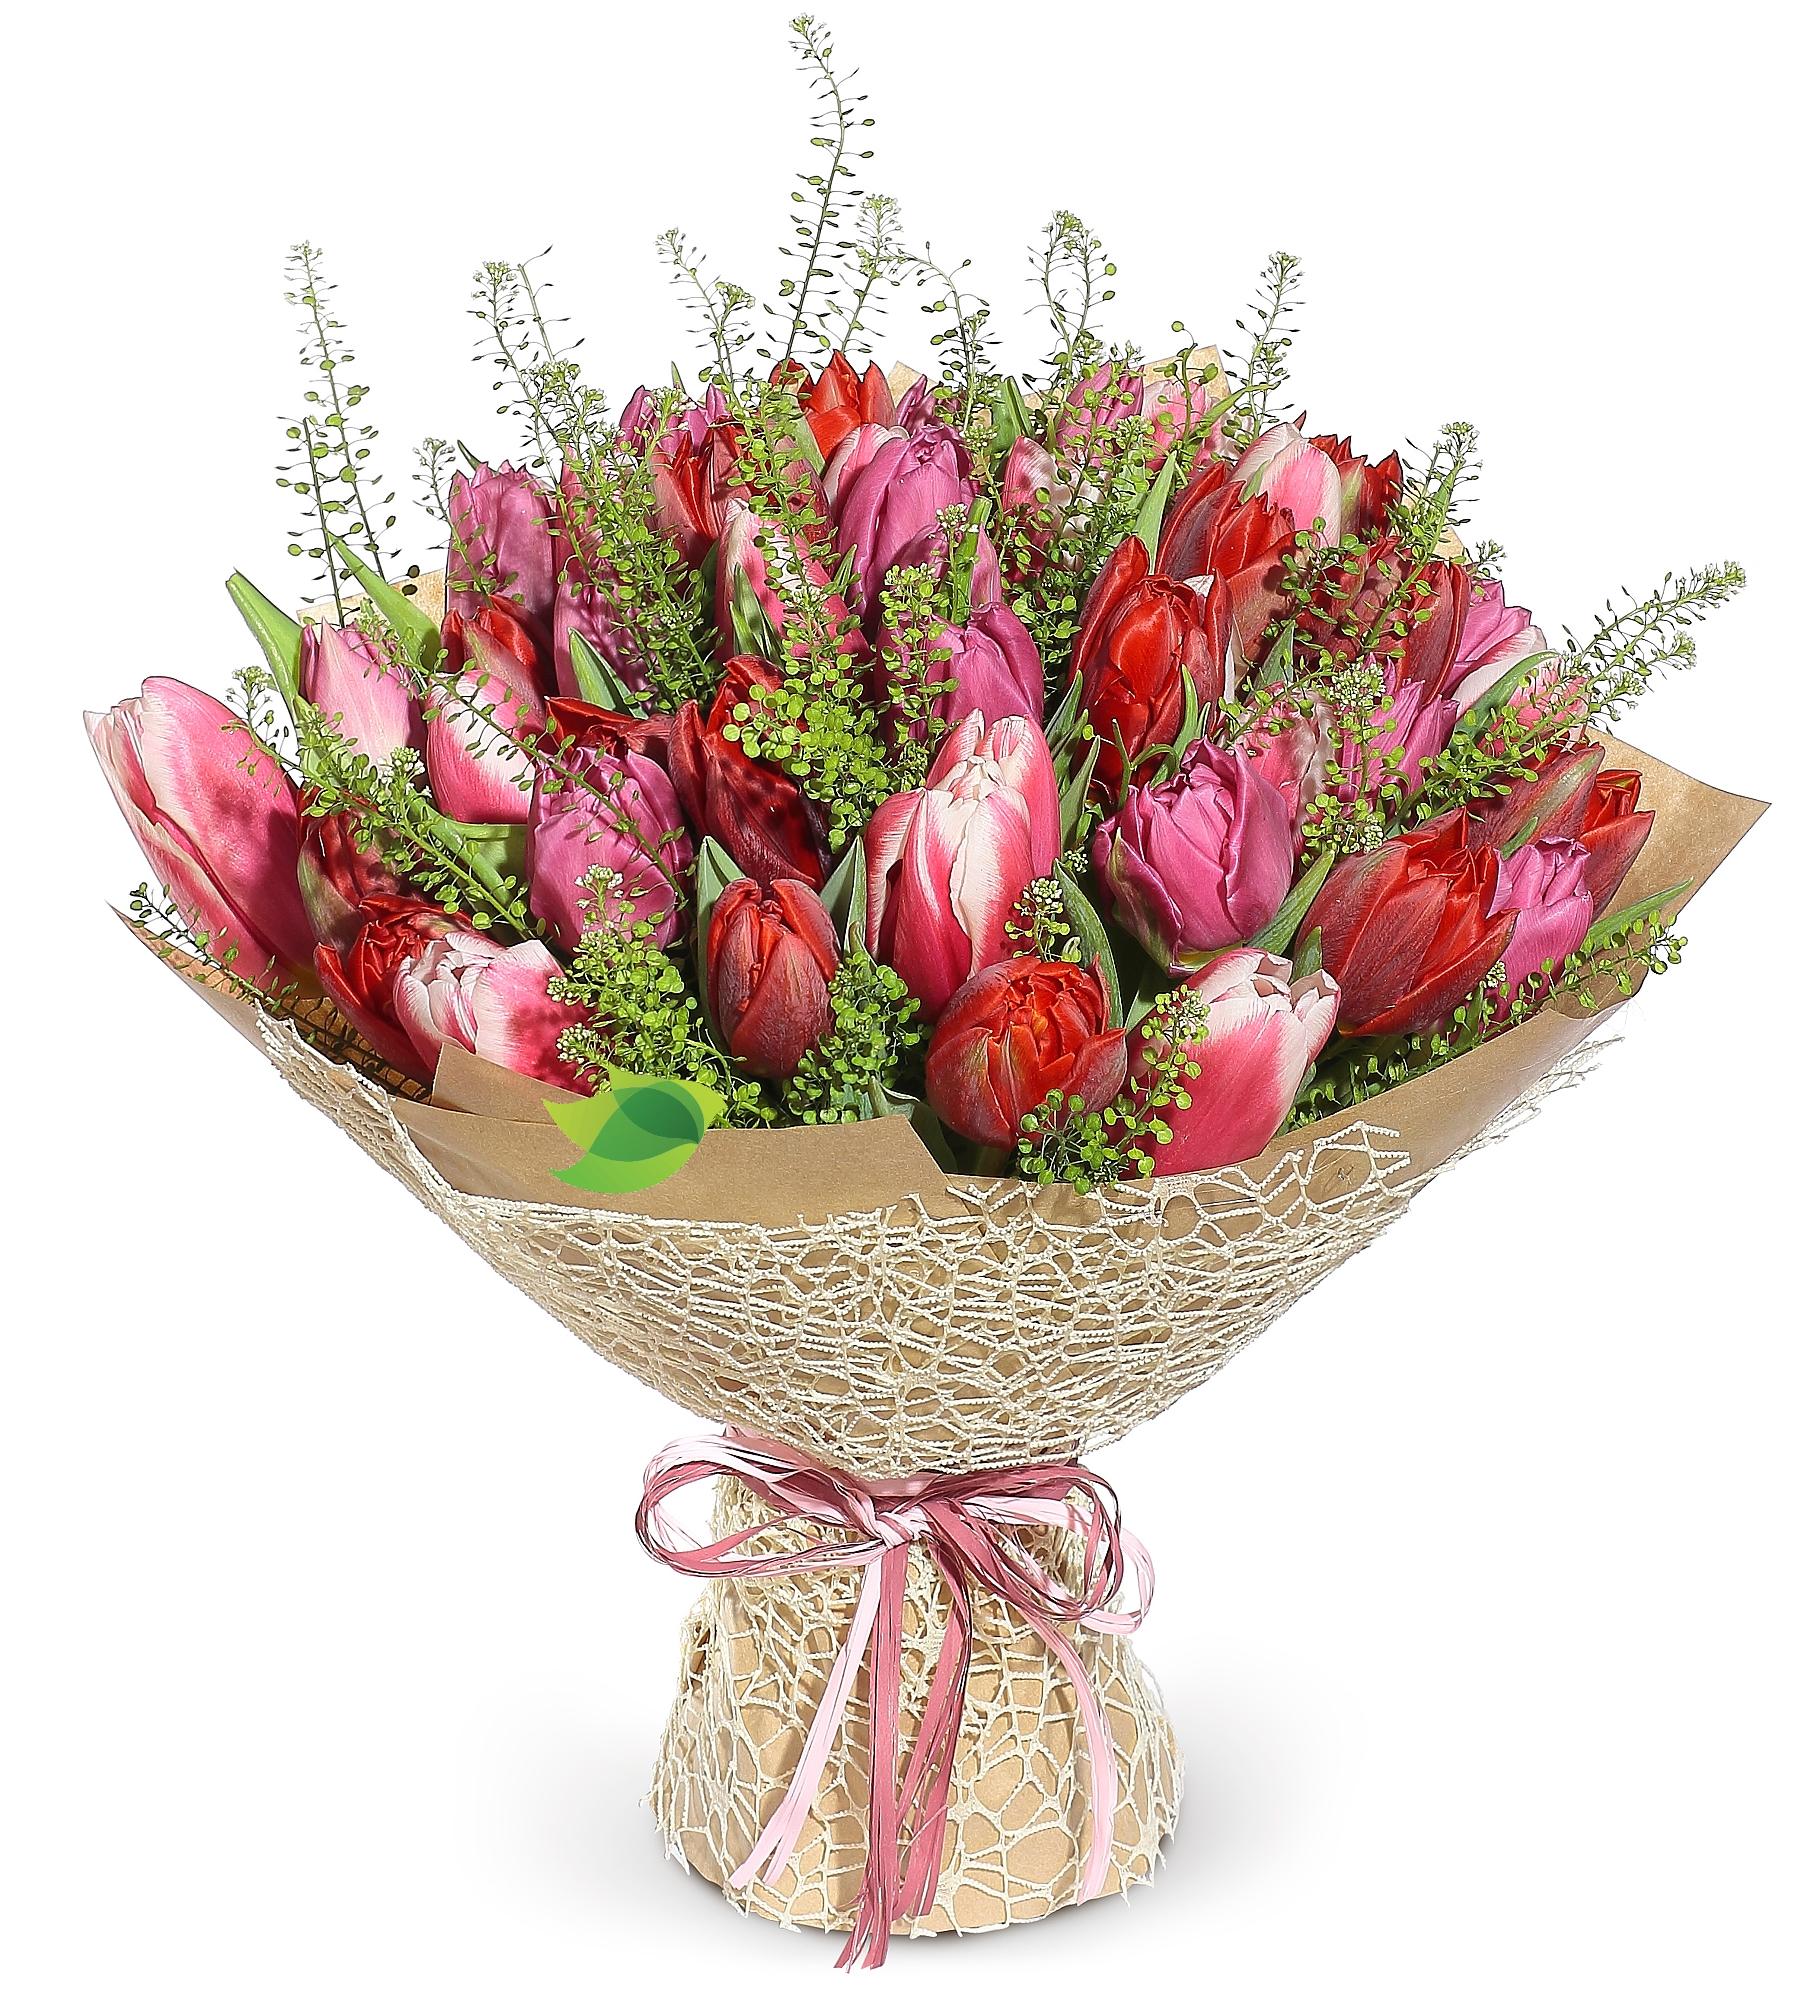 Фото букета: Большой букет тюльпанов